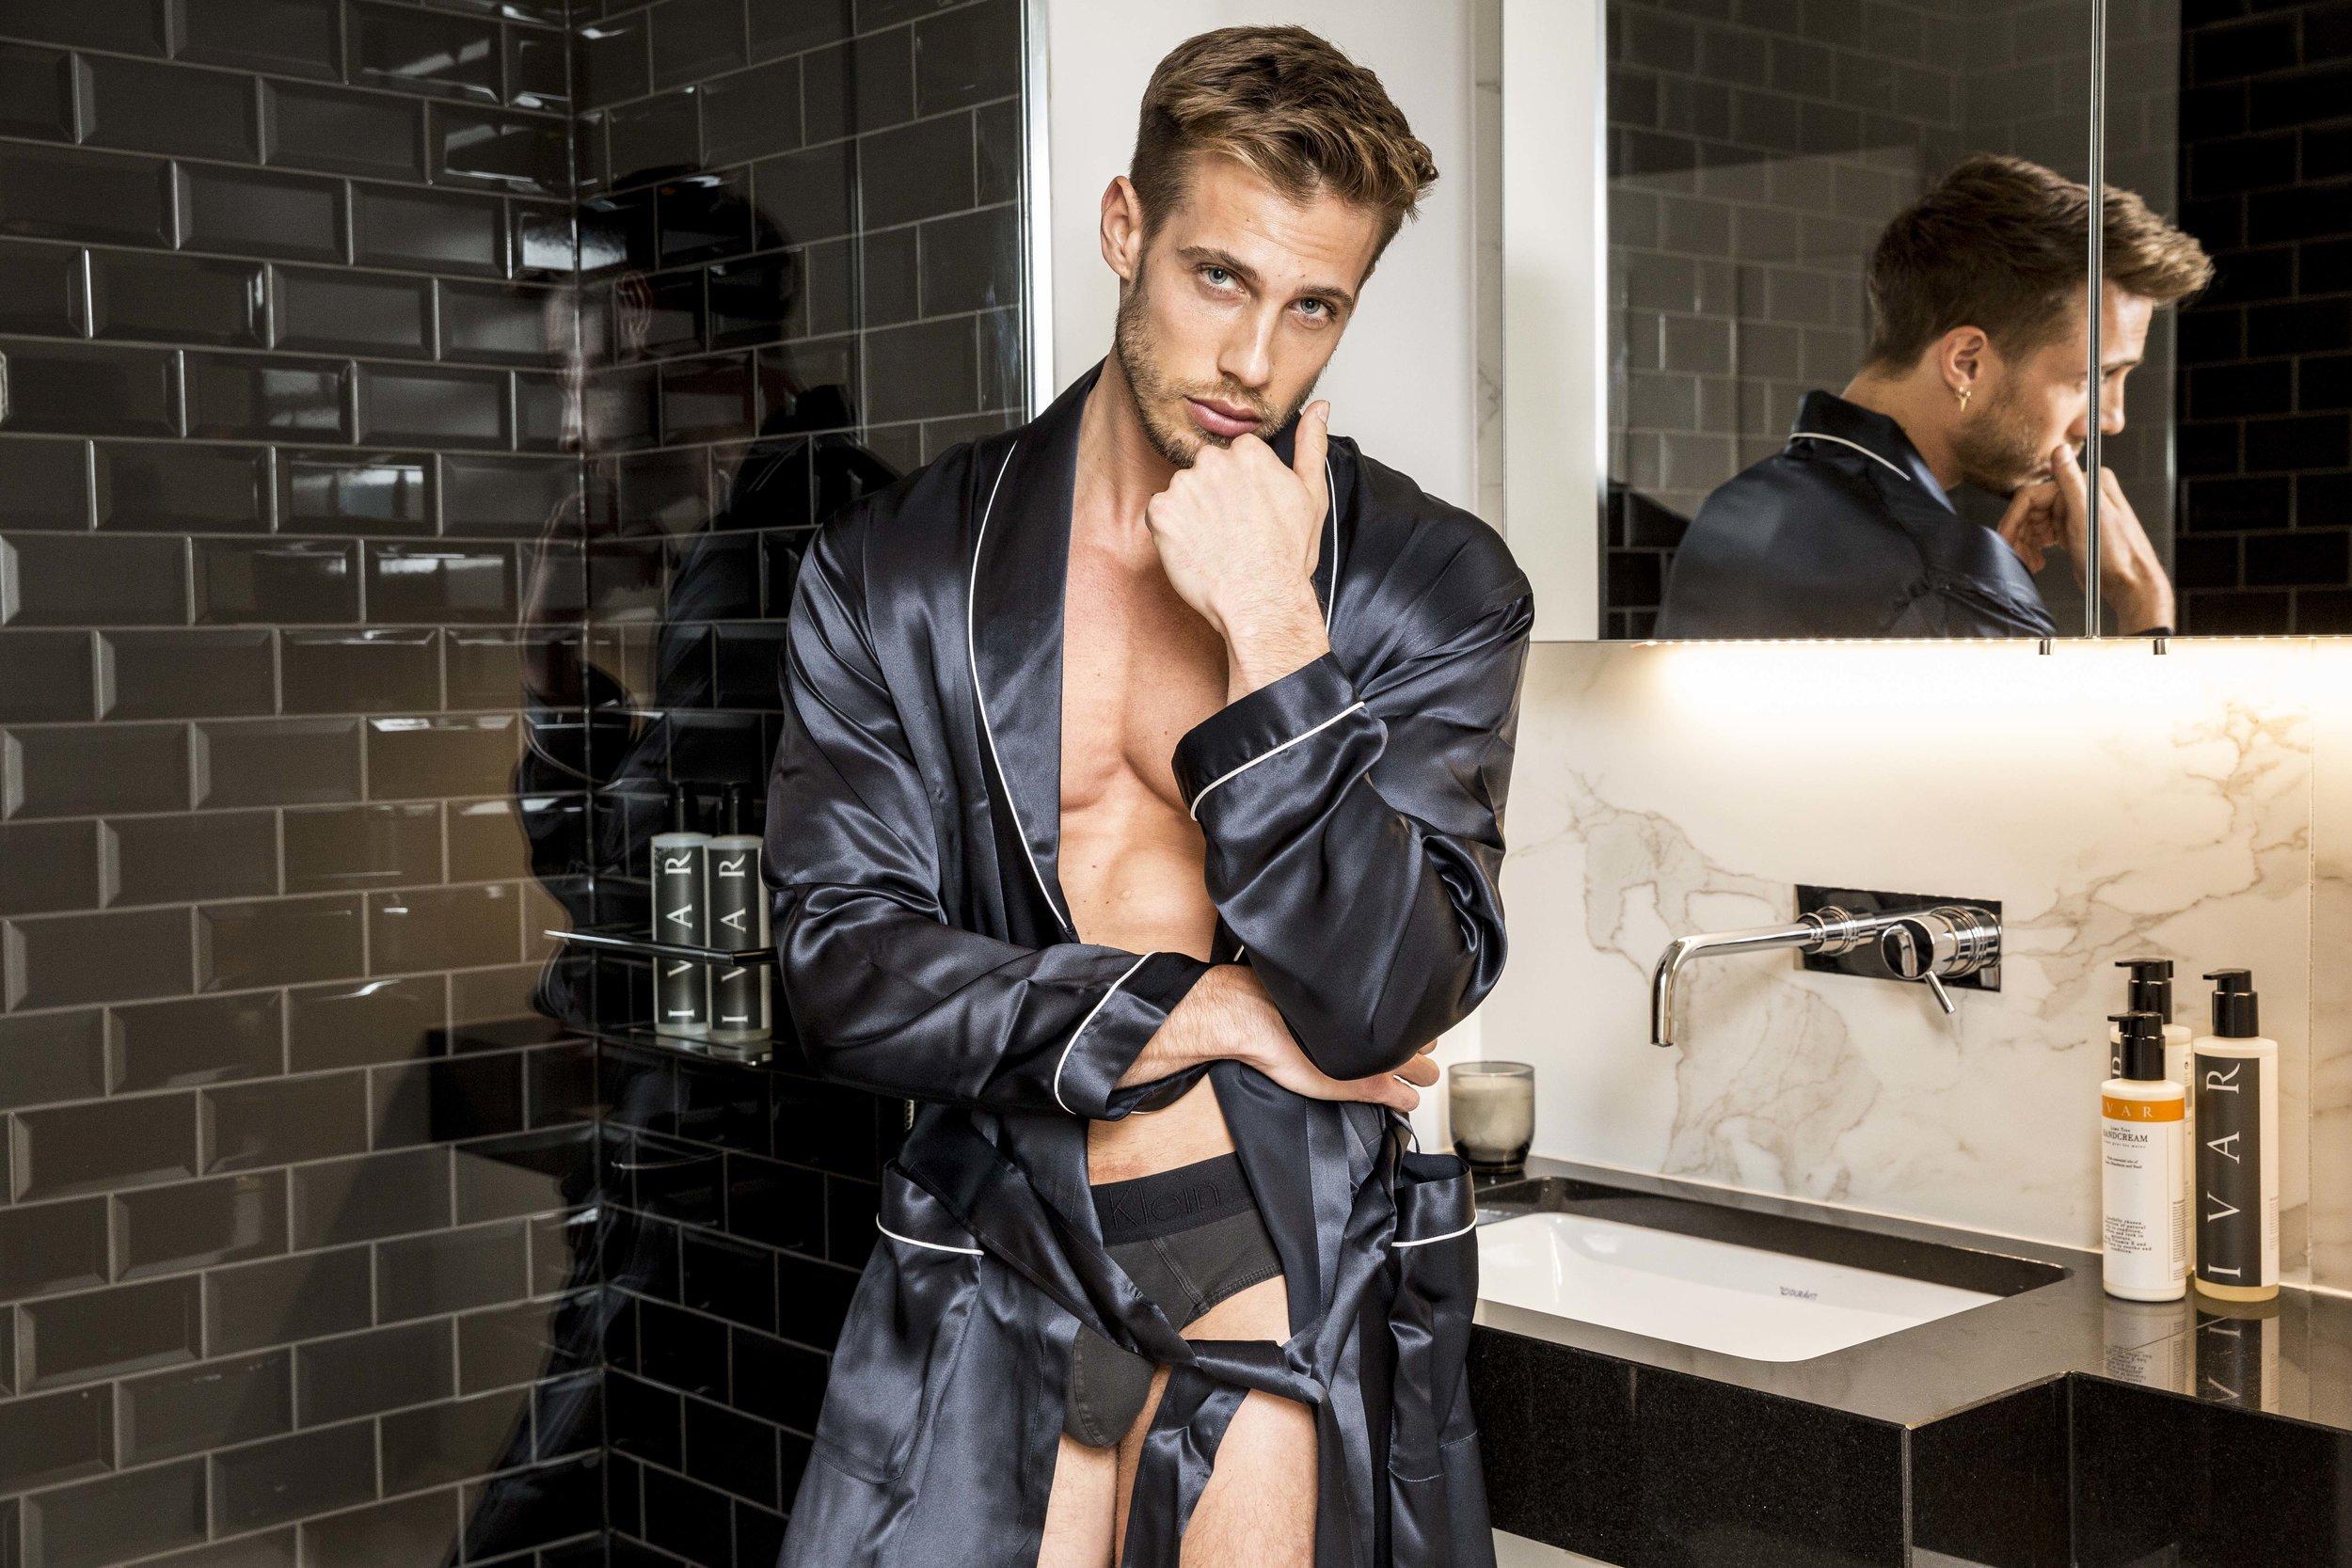 Gown -  Zimmerli , Underwear -  Calvin Klein